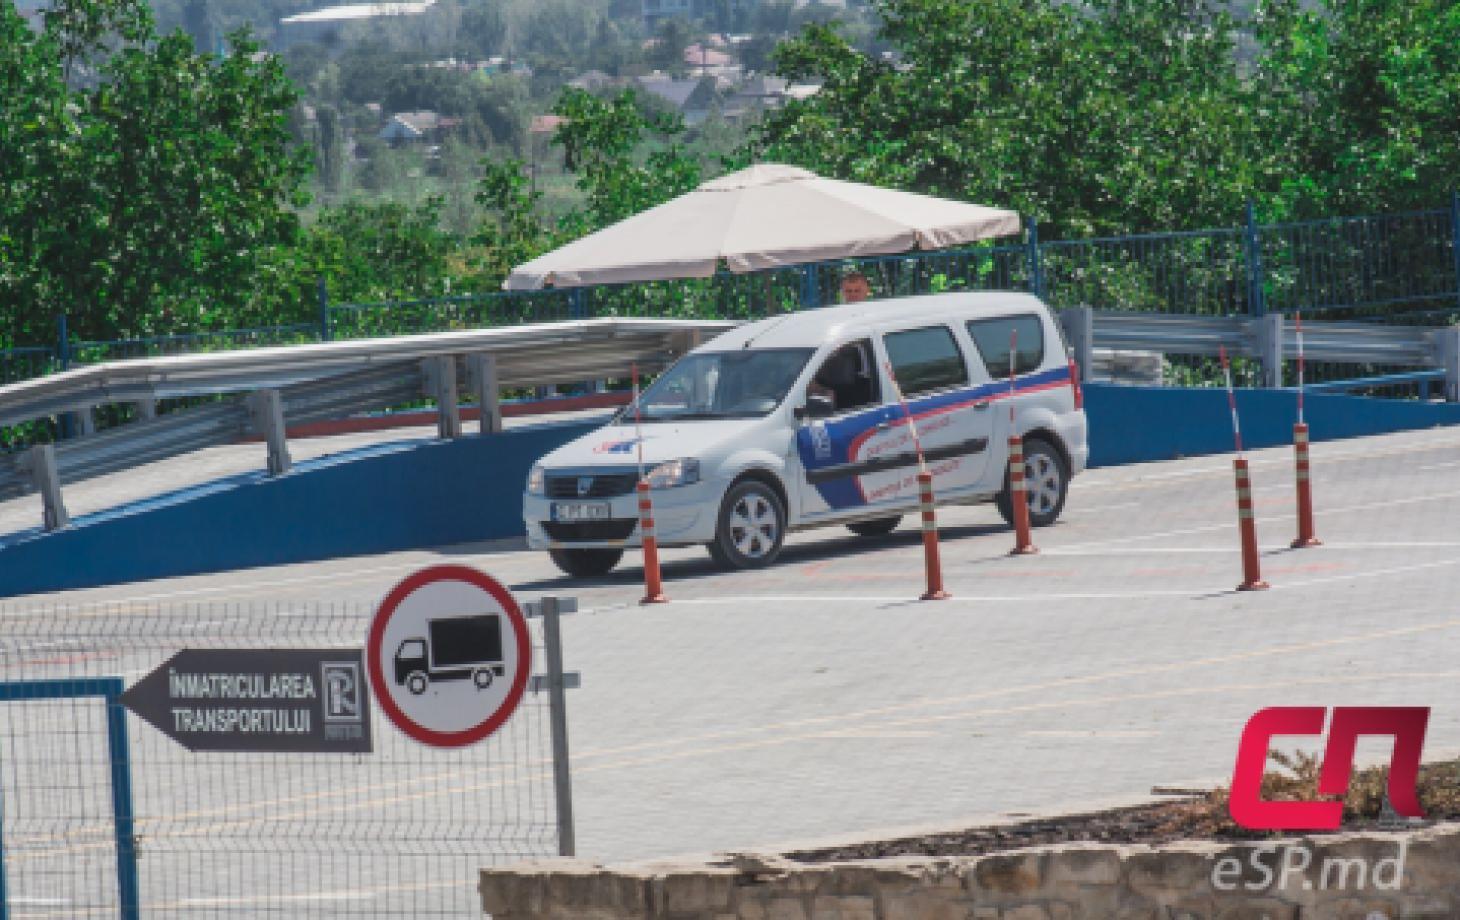 Экзамен на получение водительских прав в Бельцах. Автодром в МРЭО